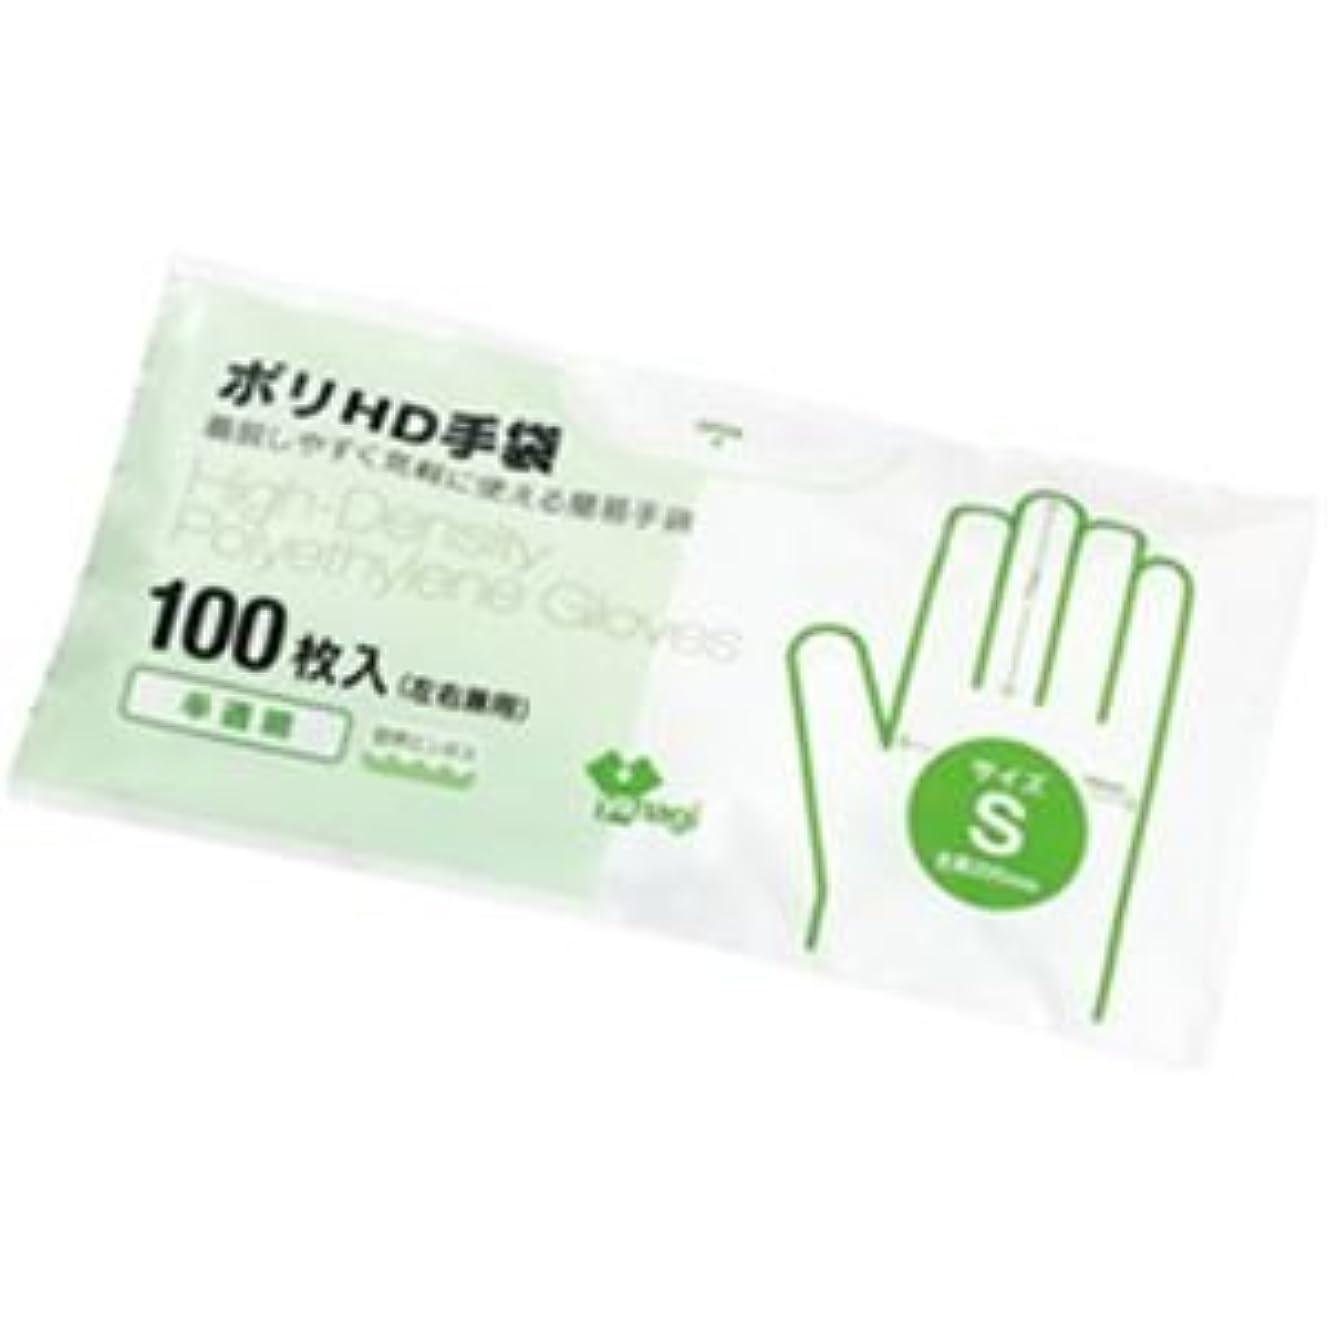 しかしバー隣人やなぎプロダクツ 高密度ポリエチレン手袋 S 半透明 1箱(100枚) ×30セット